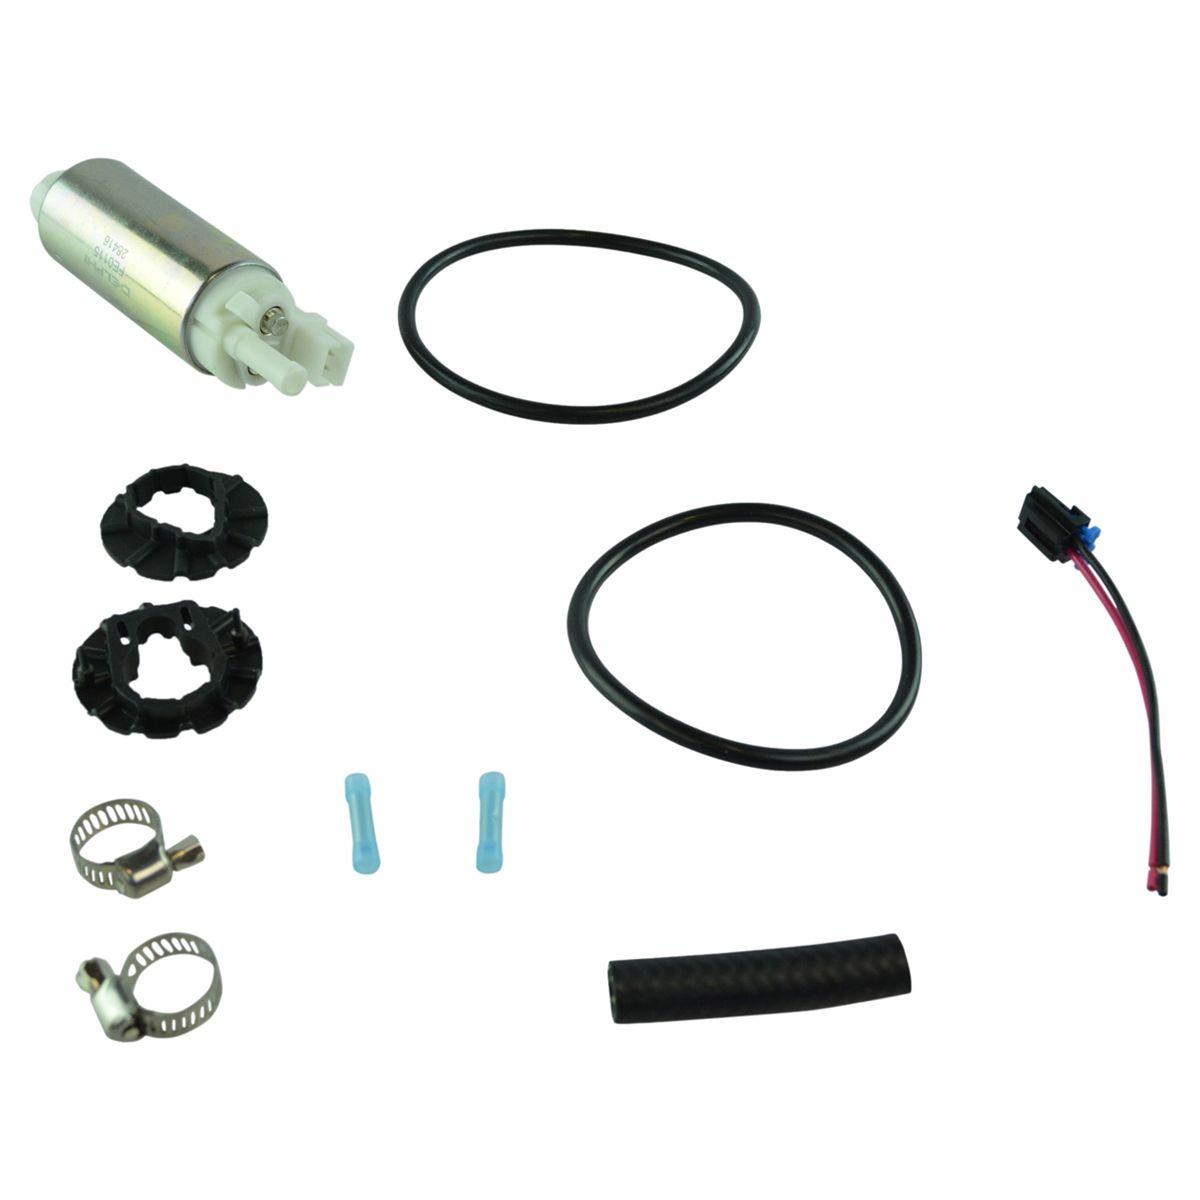 E3902 Electric Fuel Pump For GMC Buick Chevy Pontiac EP386 FE0115